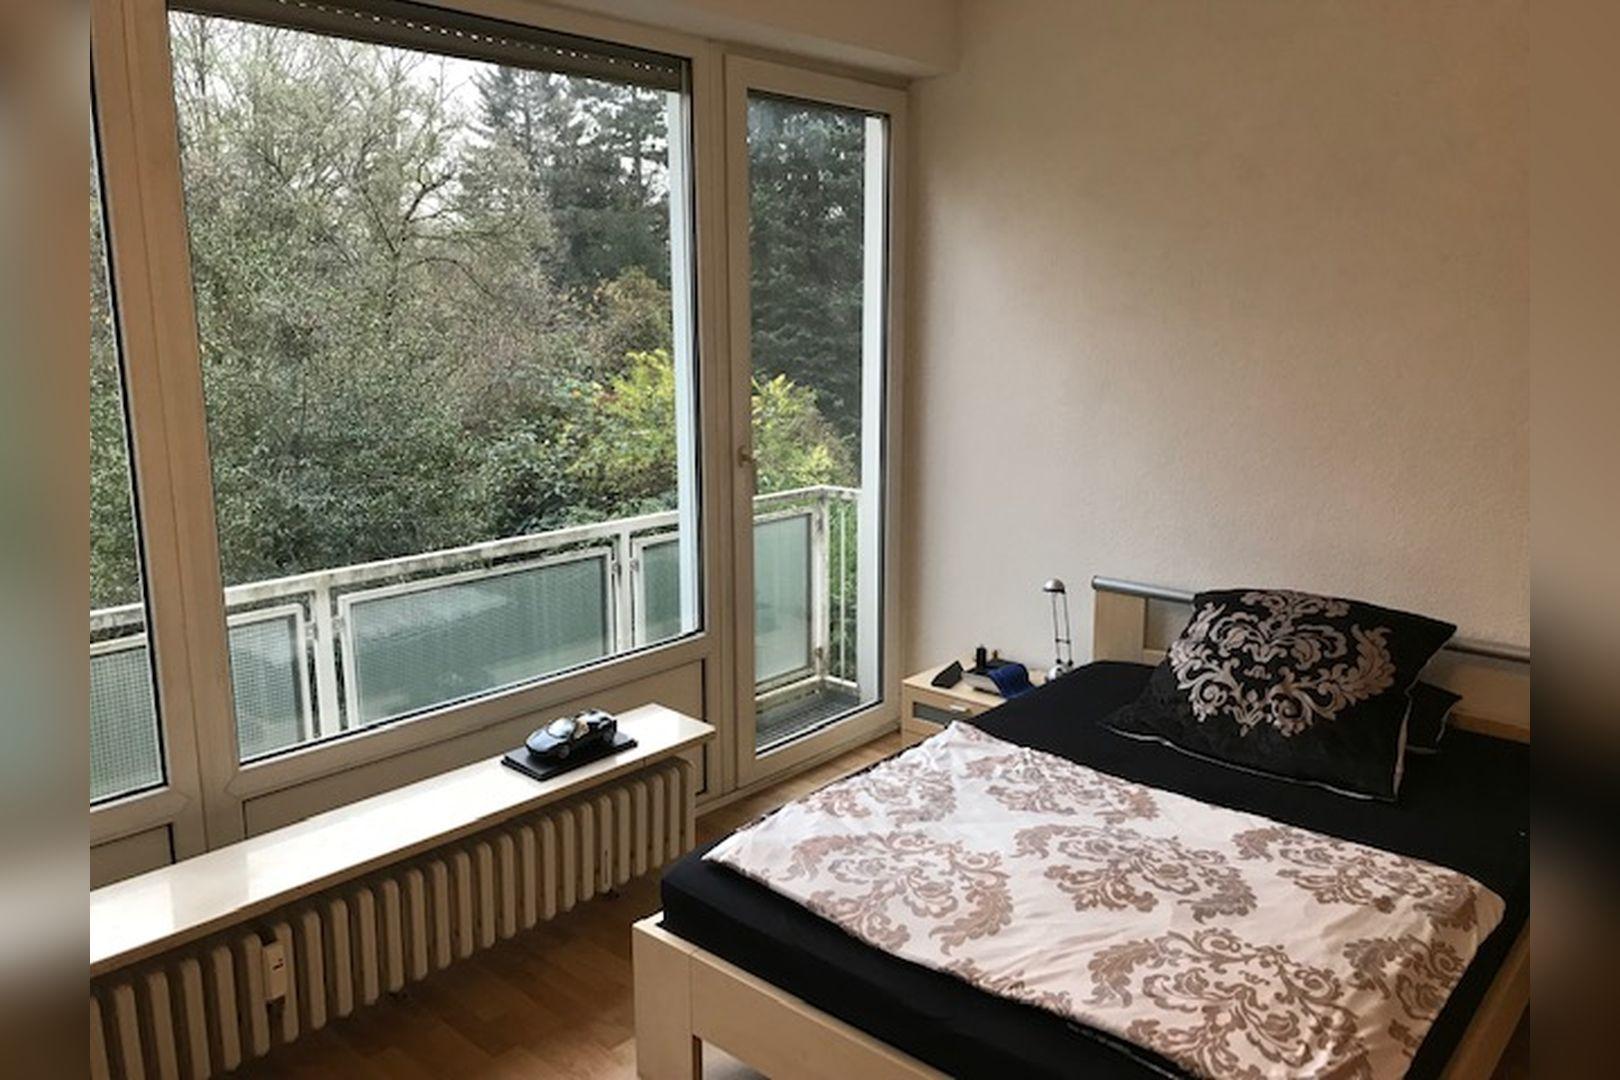 Immobilie Nr.0244 - Einraum-Appartement in Rheinnähe, Wodanstraße - Bild 2.jpg